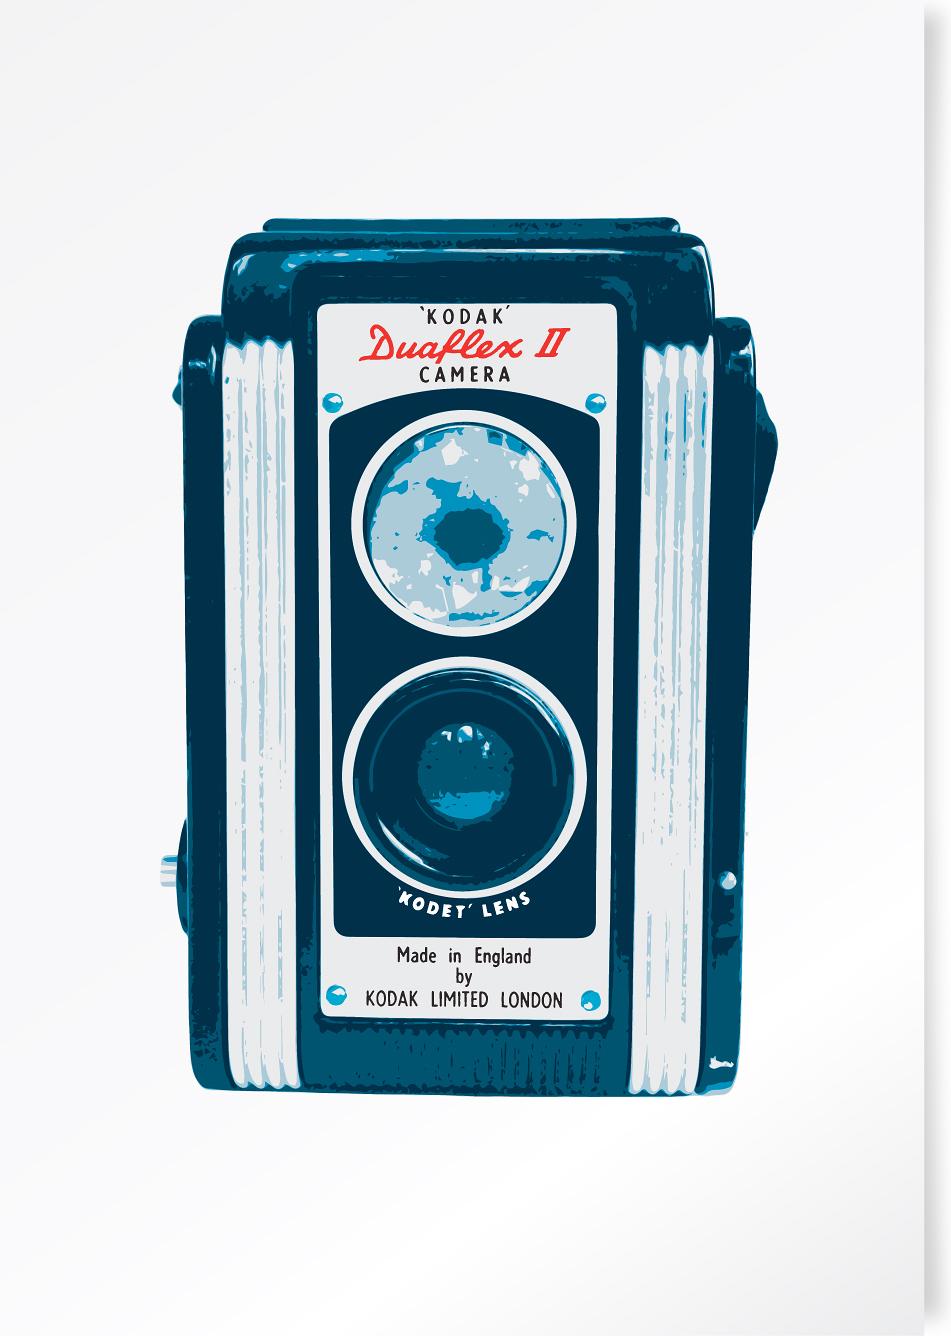 Kodak Duraflex